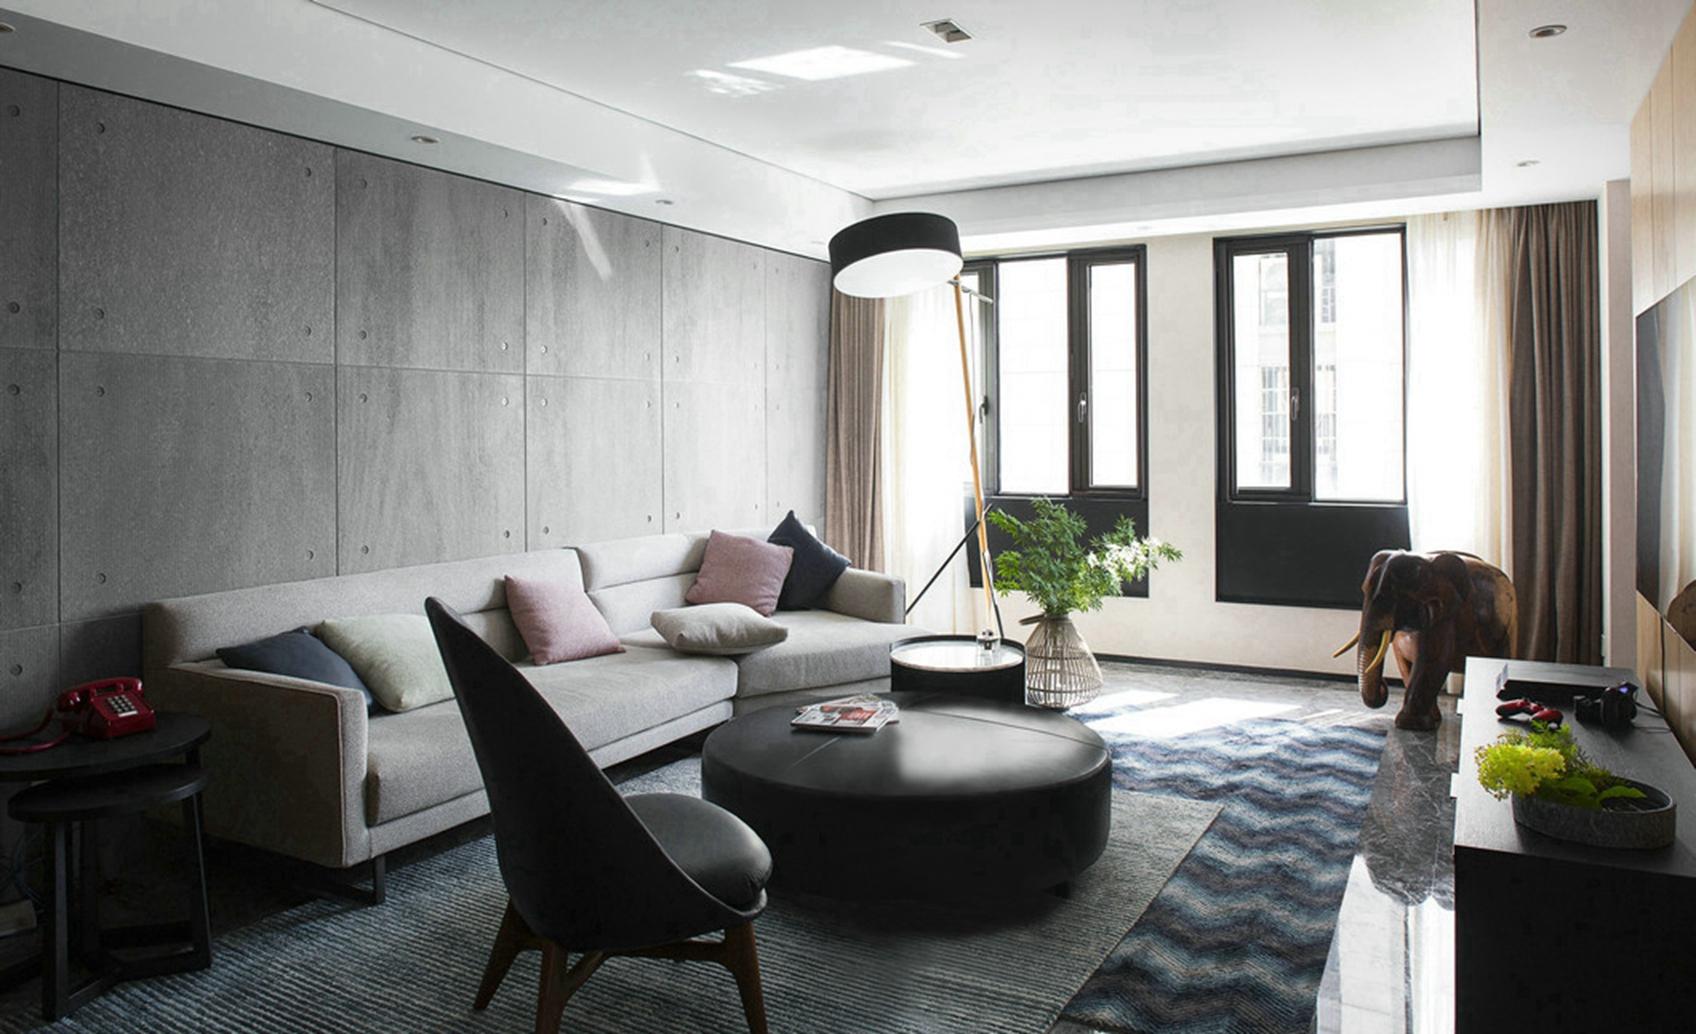 客厅灰色布艺的沙发、皮制的茶几、完美的将时尚与古典融合